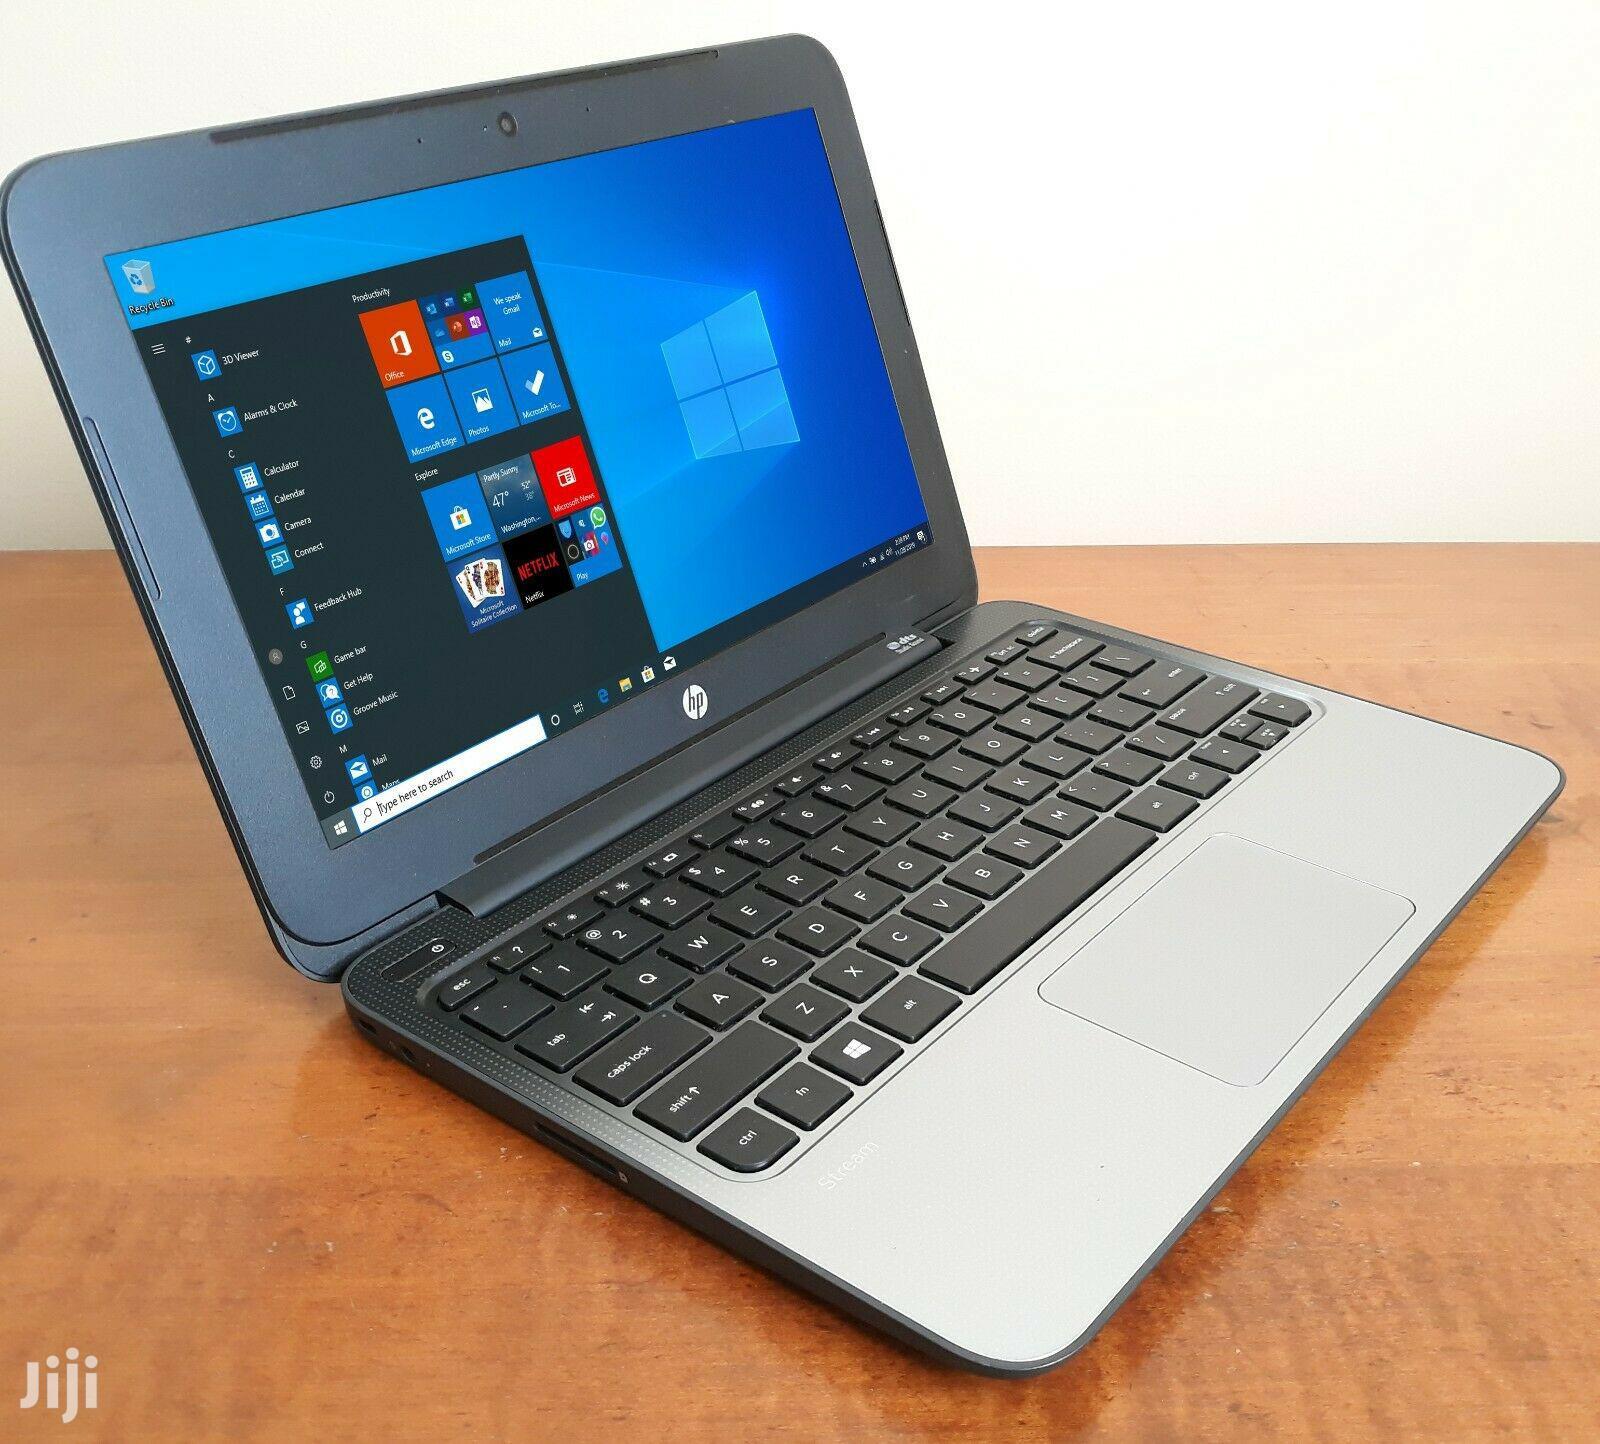 Laptop HP Stream 11 Pro G3 2GB Intel Celeron SSD 32GB